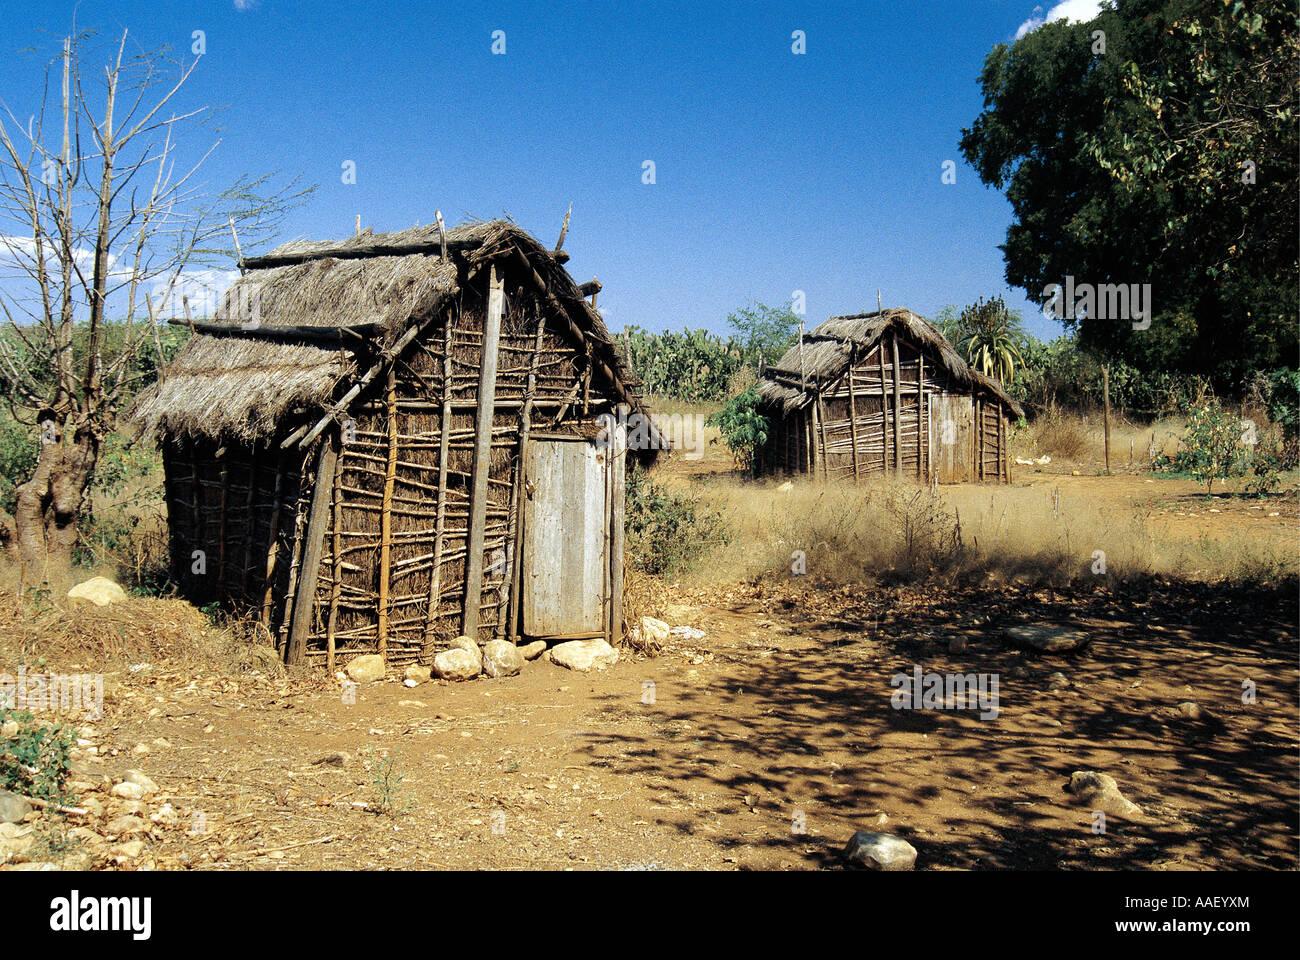 bantu stock photos u0026 bantu stock images alamy